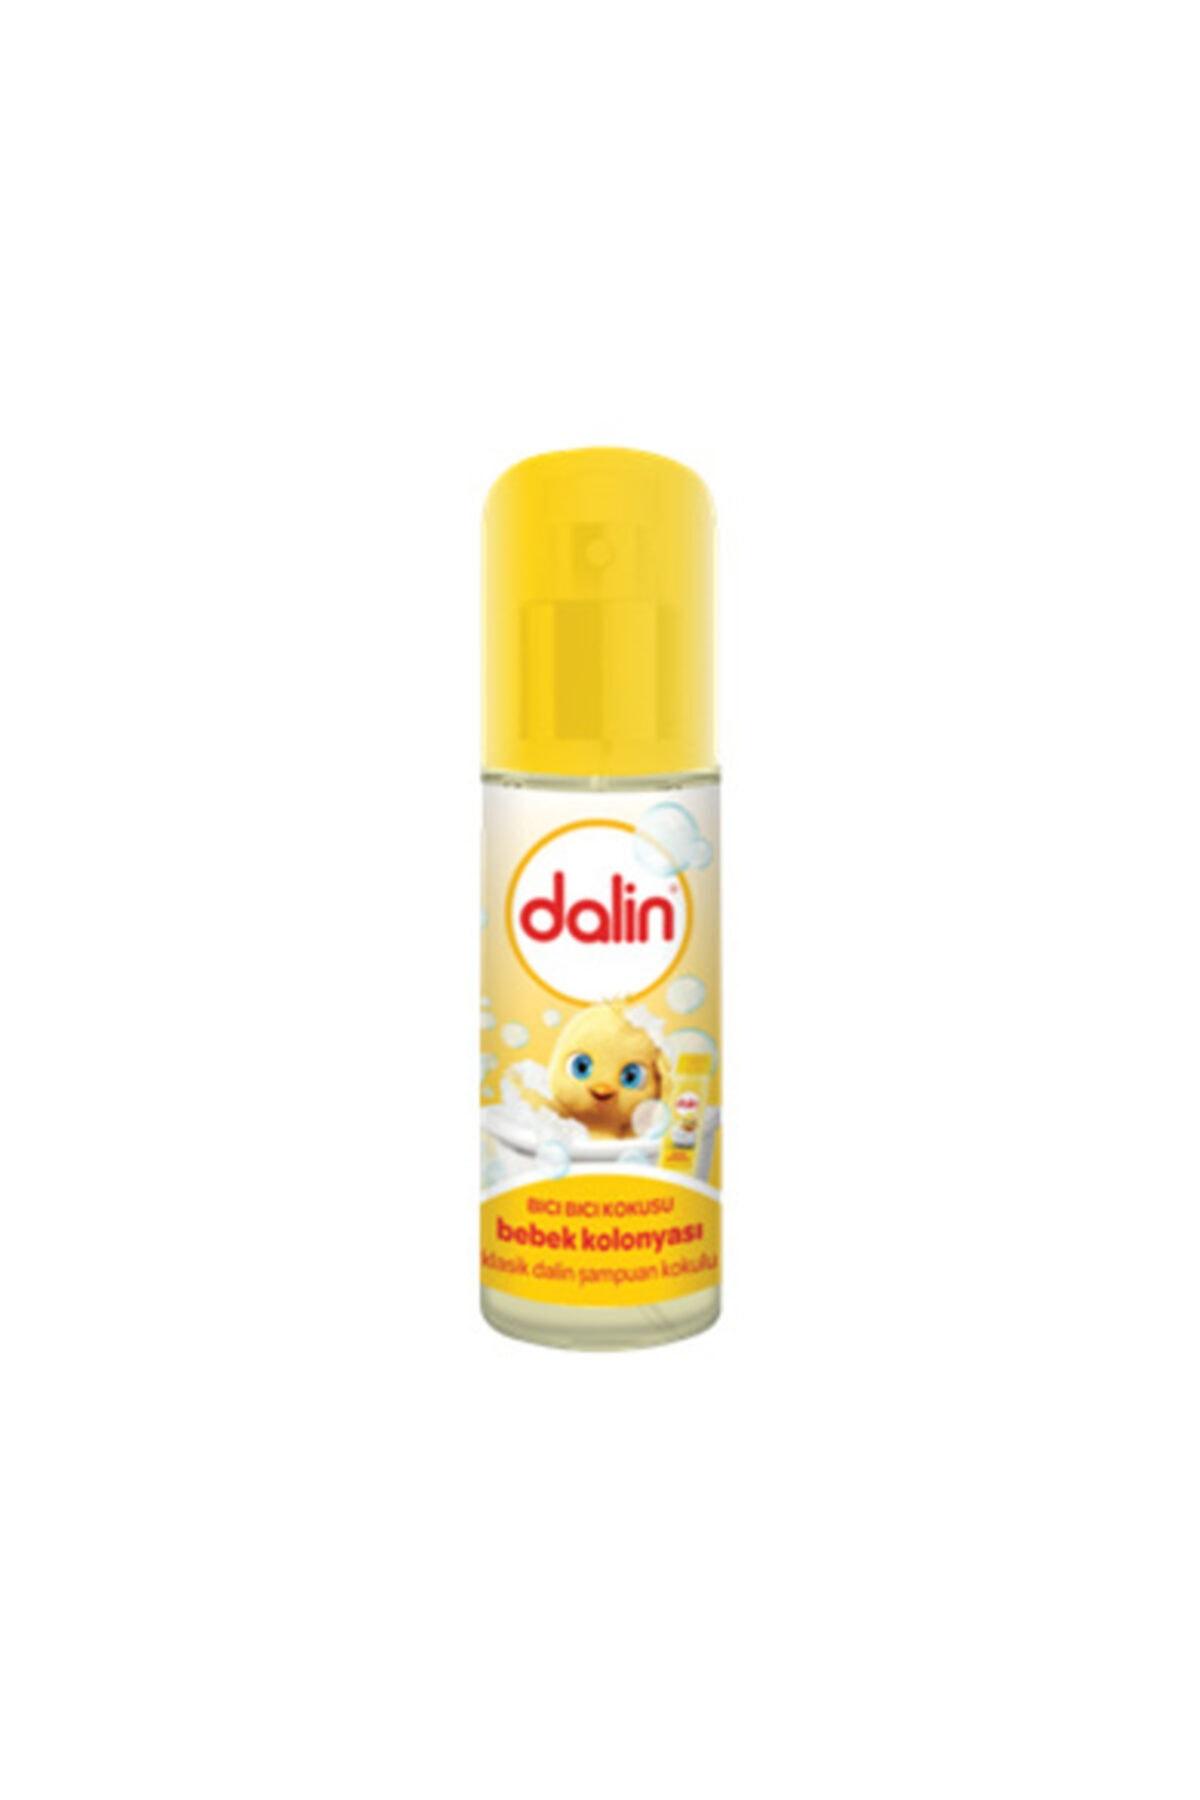 Dalin Bebe Kolonyası Klasik 150ml 1